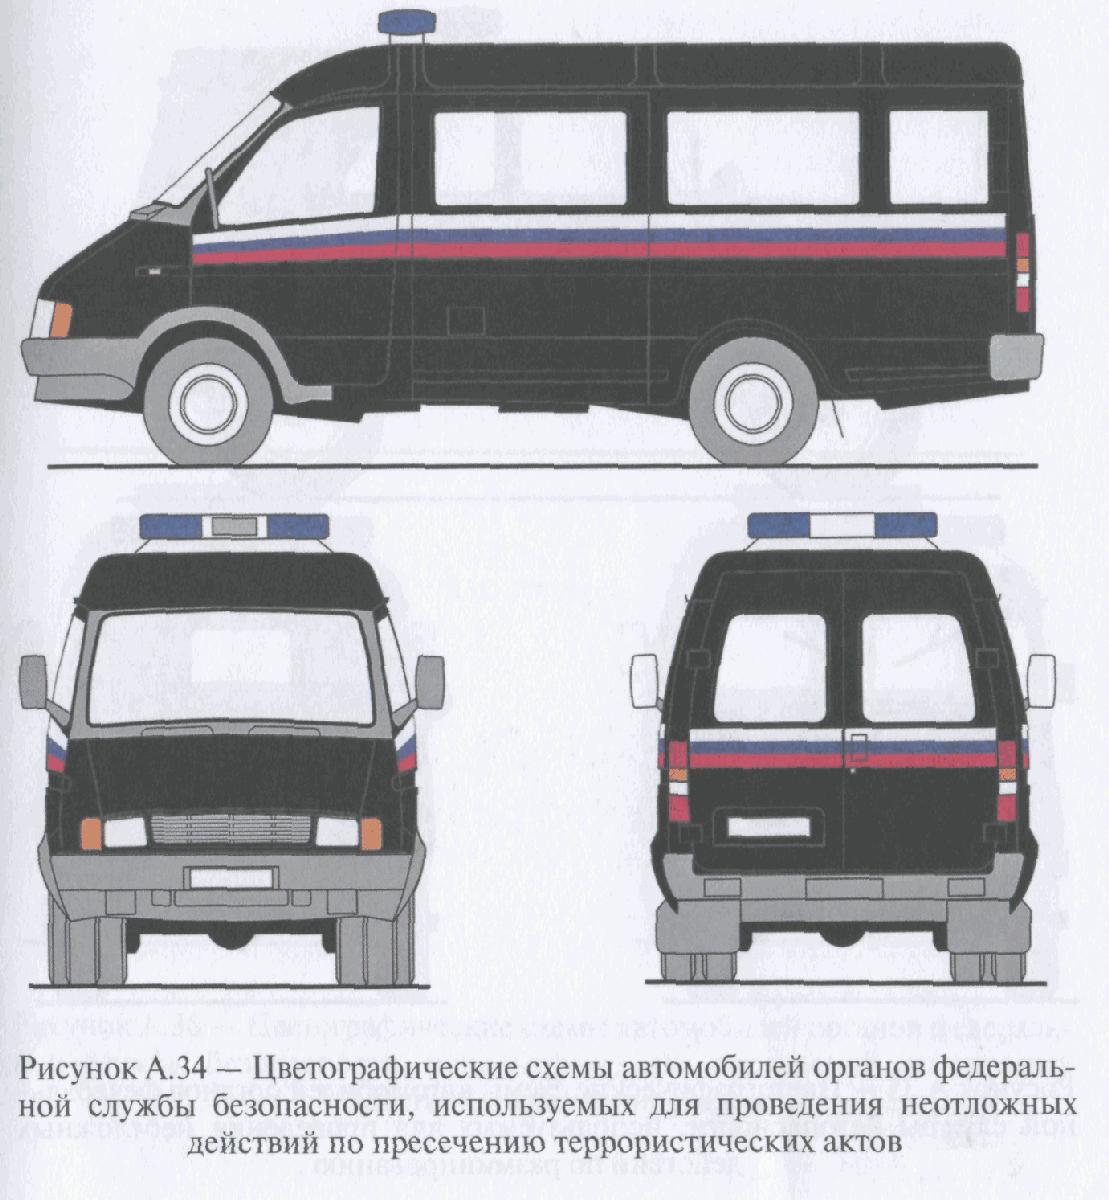 РИСУНОК A.34 (К ИЗМЕНЕНИЮ N 2 ГОСТ Р 50574-2002)